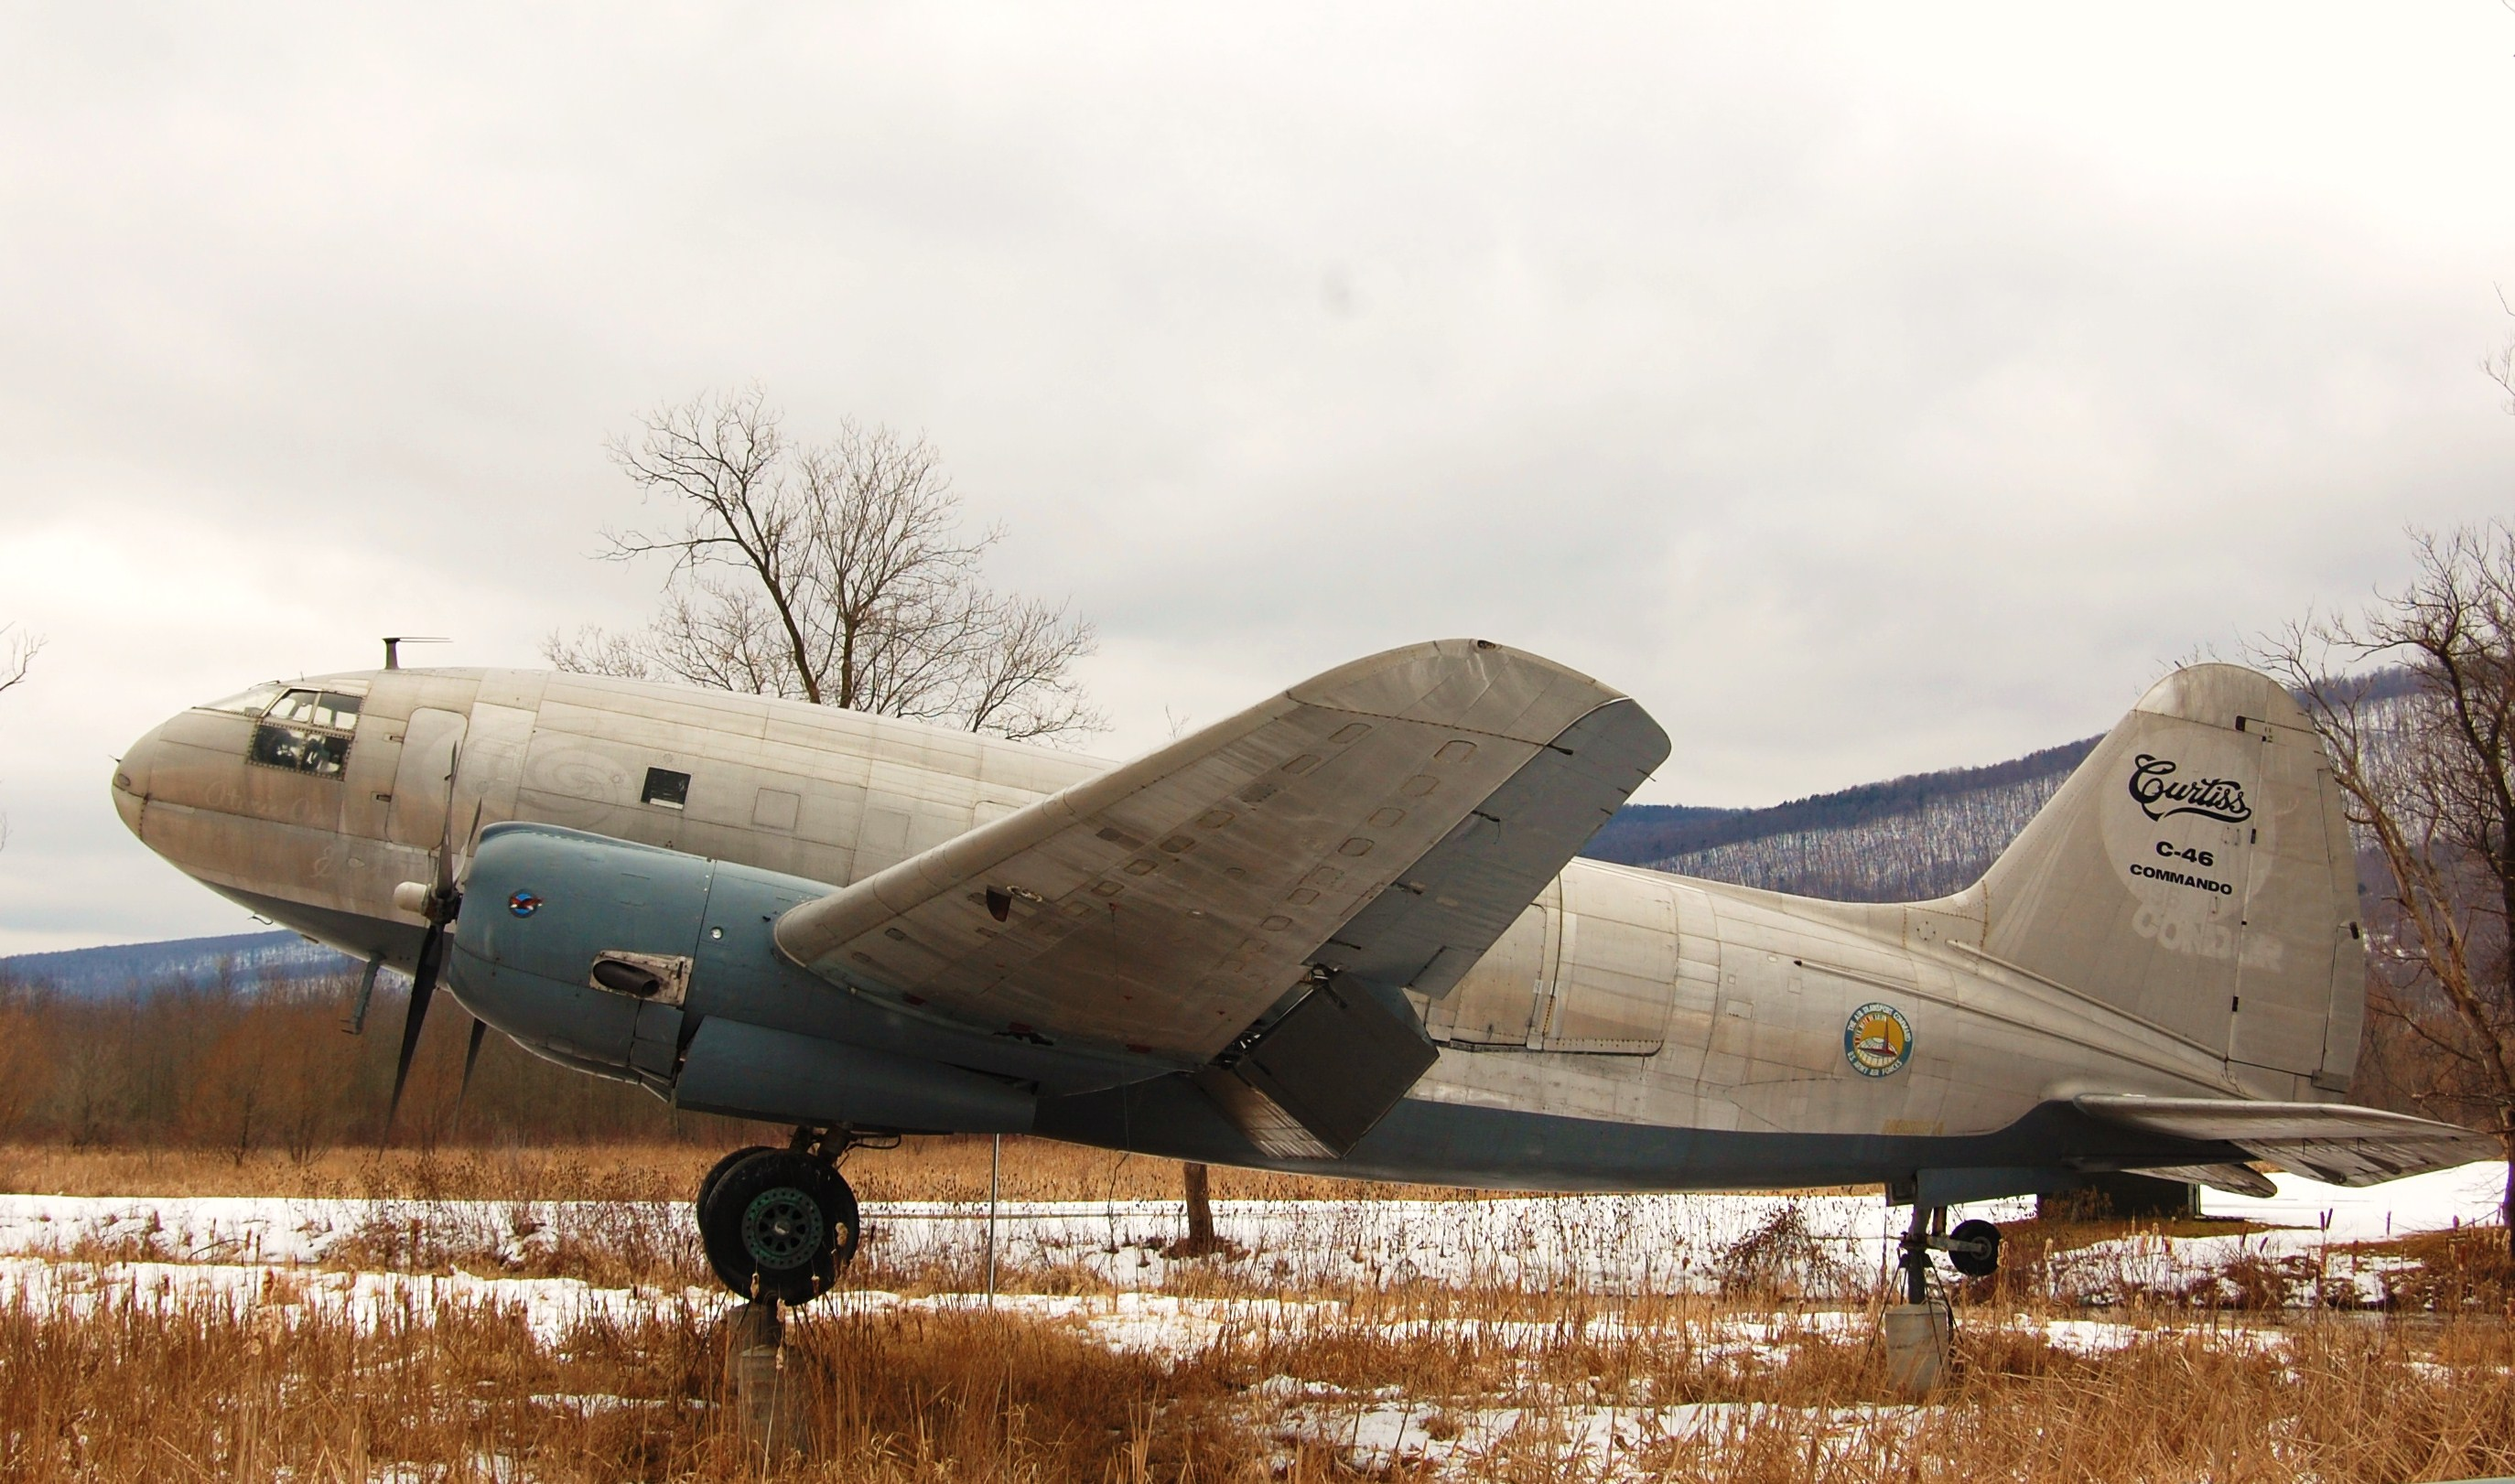 Curtiss Wright C 46 Commando Citius Altius Fortius